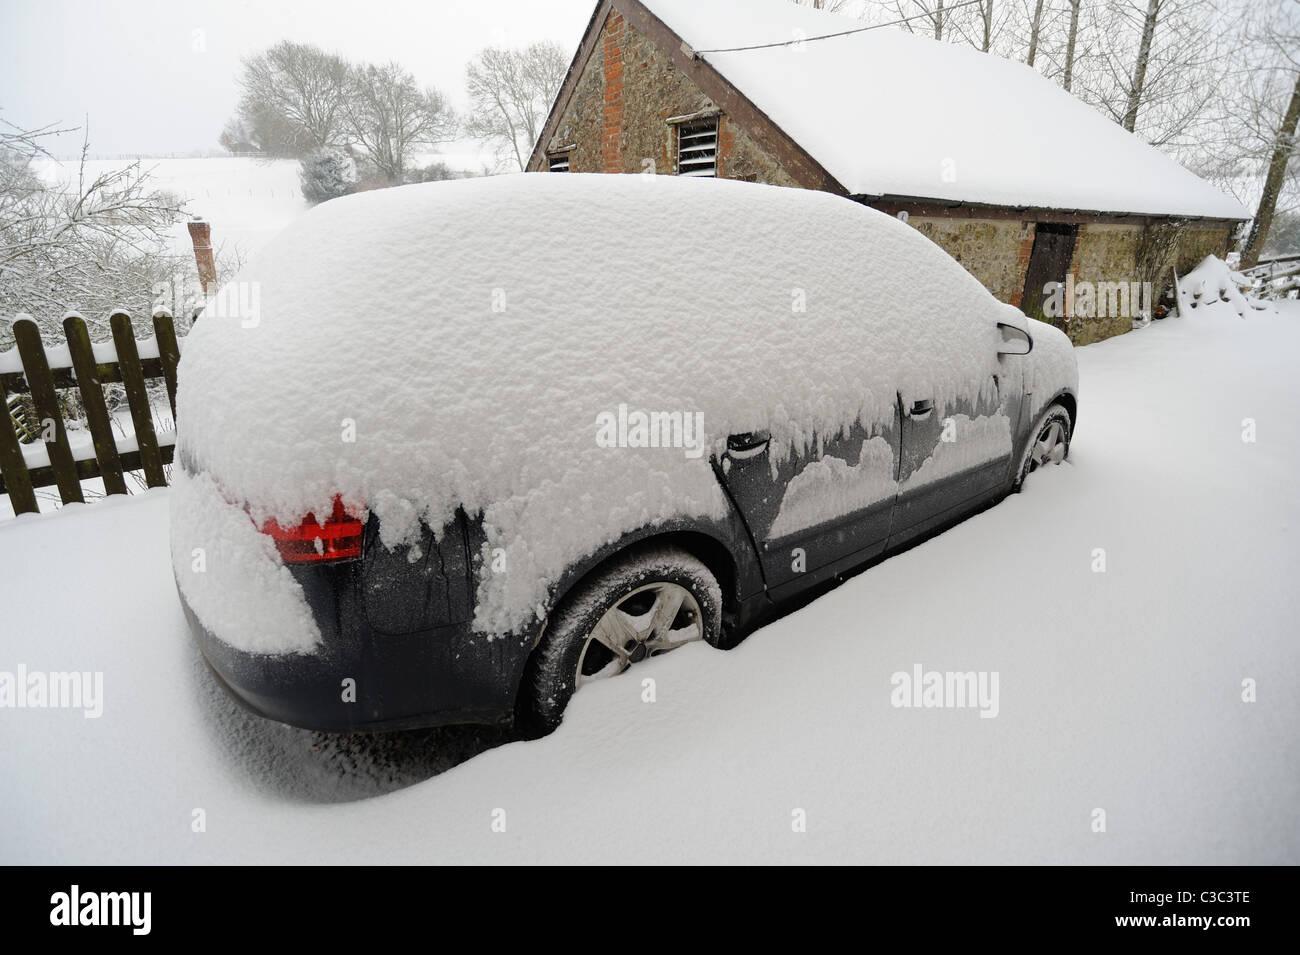 La couverture de neige particulièrement lourde sur une voiture à l'est du Devon, hiver 2010 Photo Stock